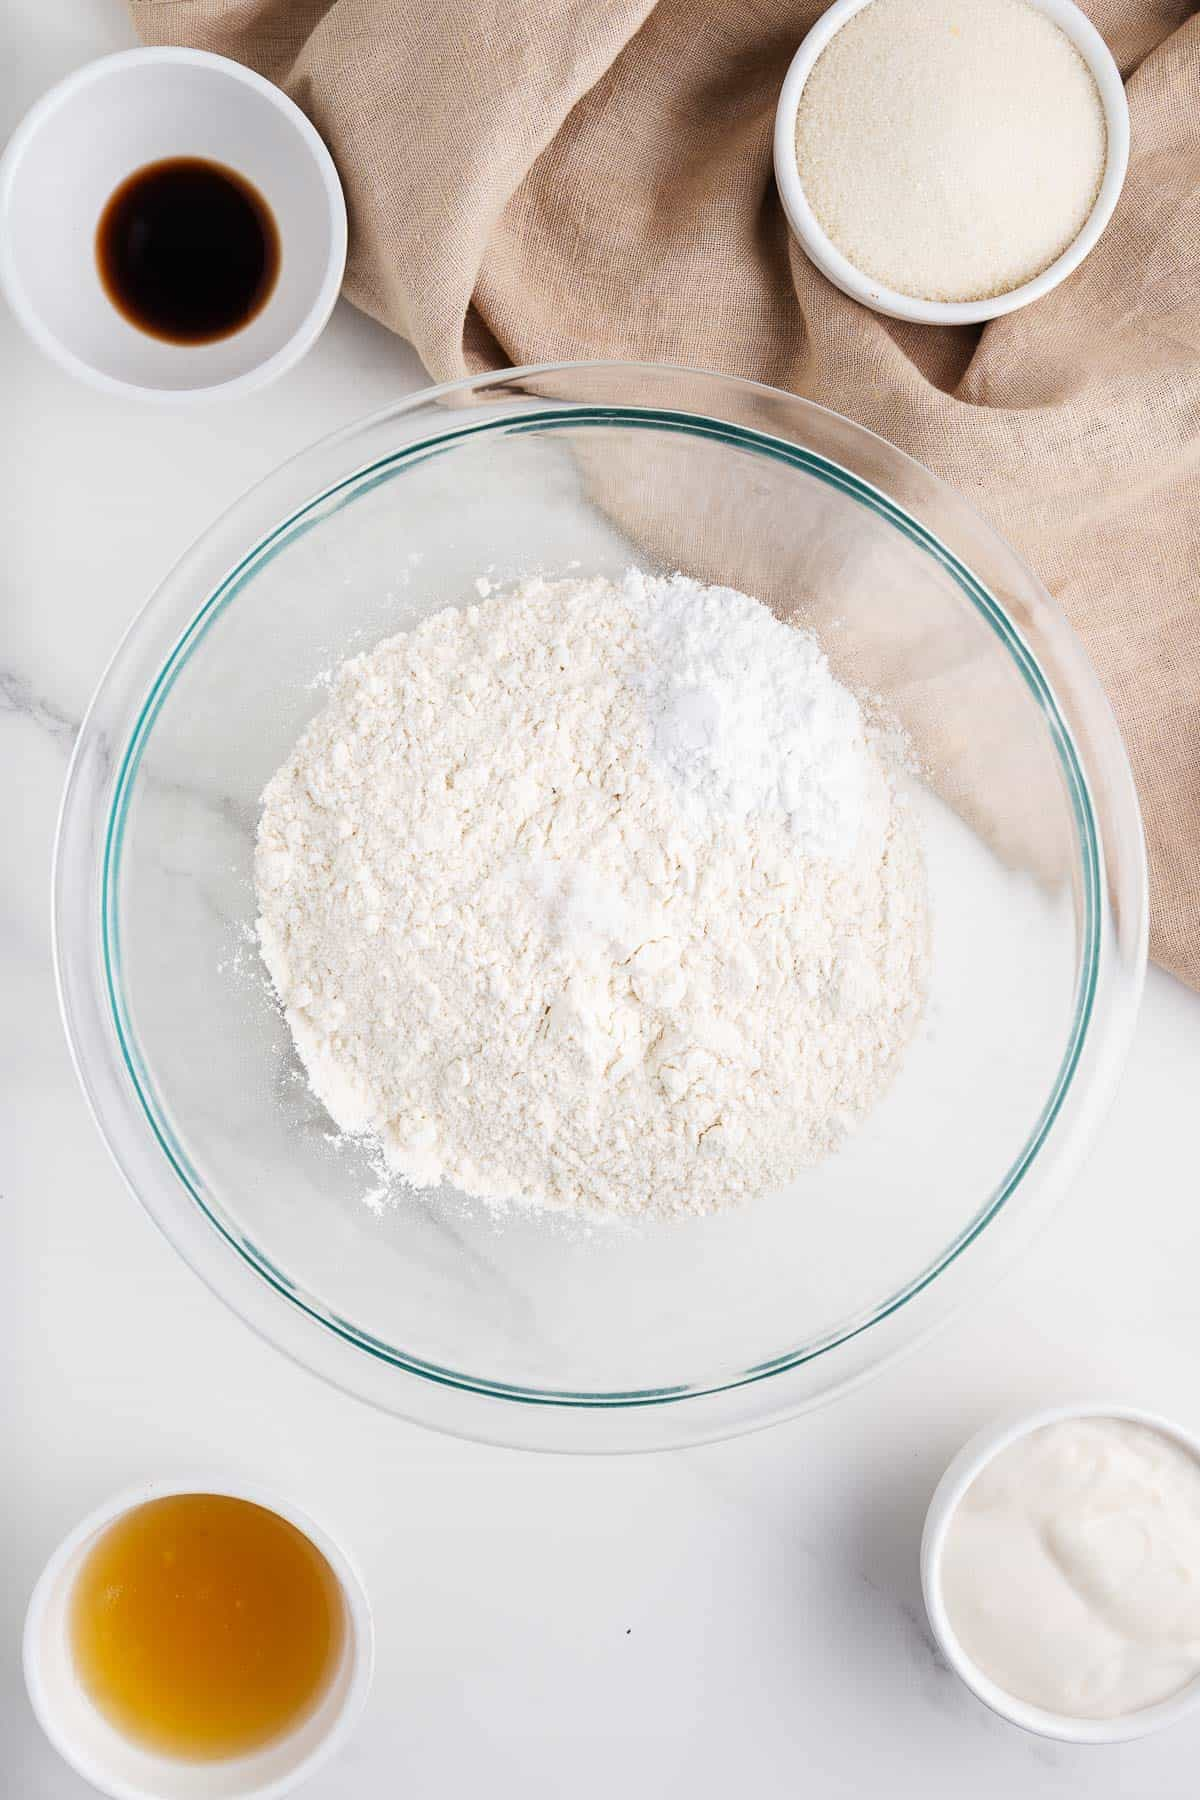 Flour, Baking Powder, Aquafaba, Sugar, Vanilla, and Vegan Nata